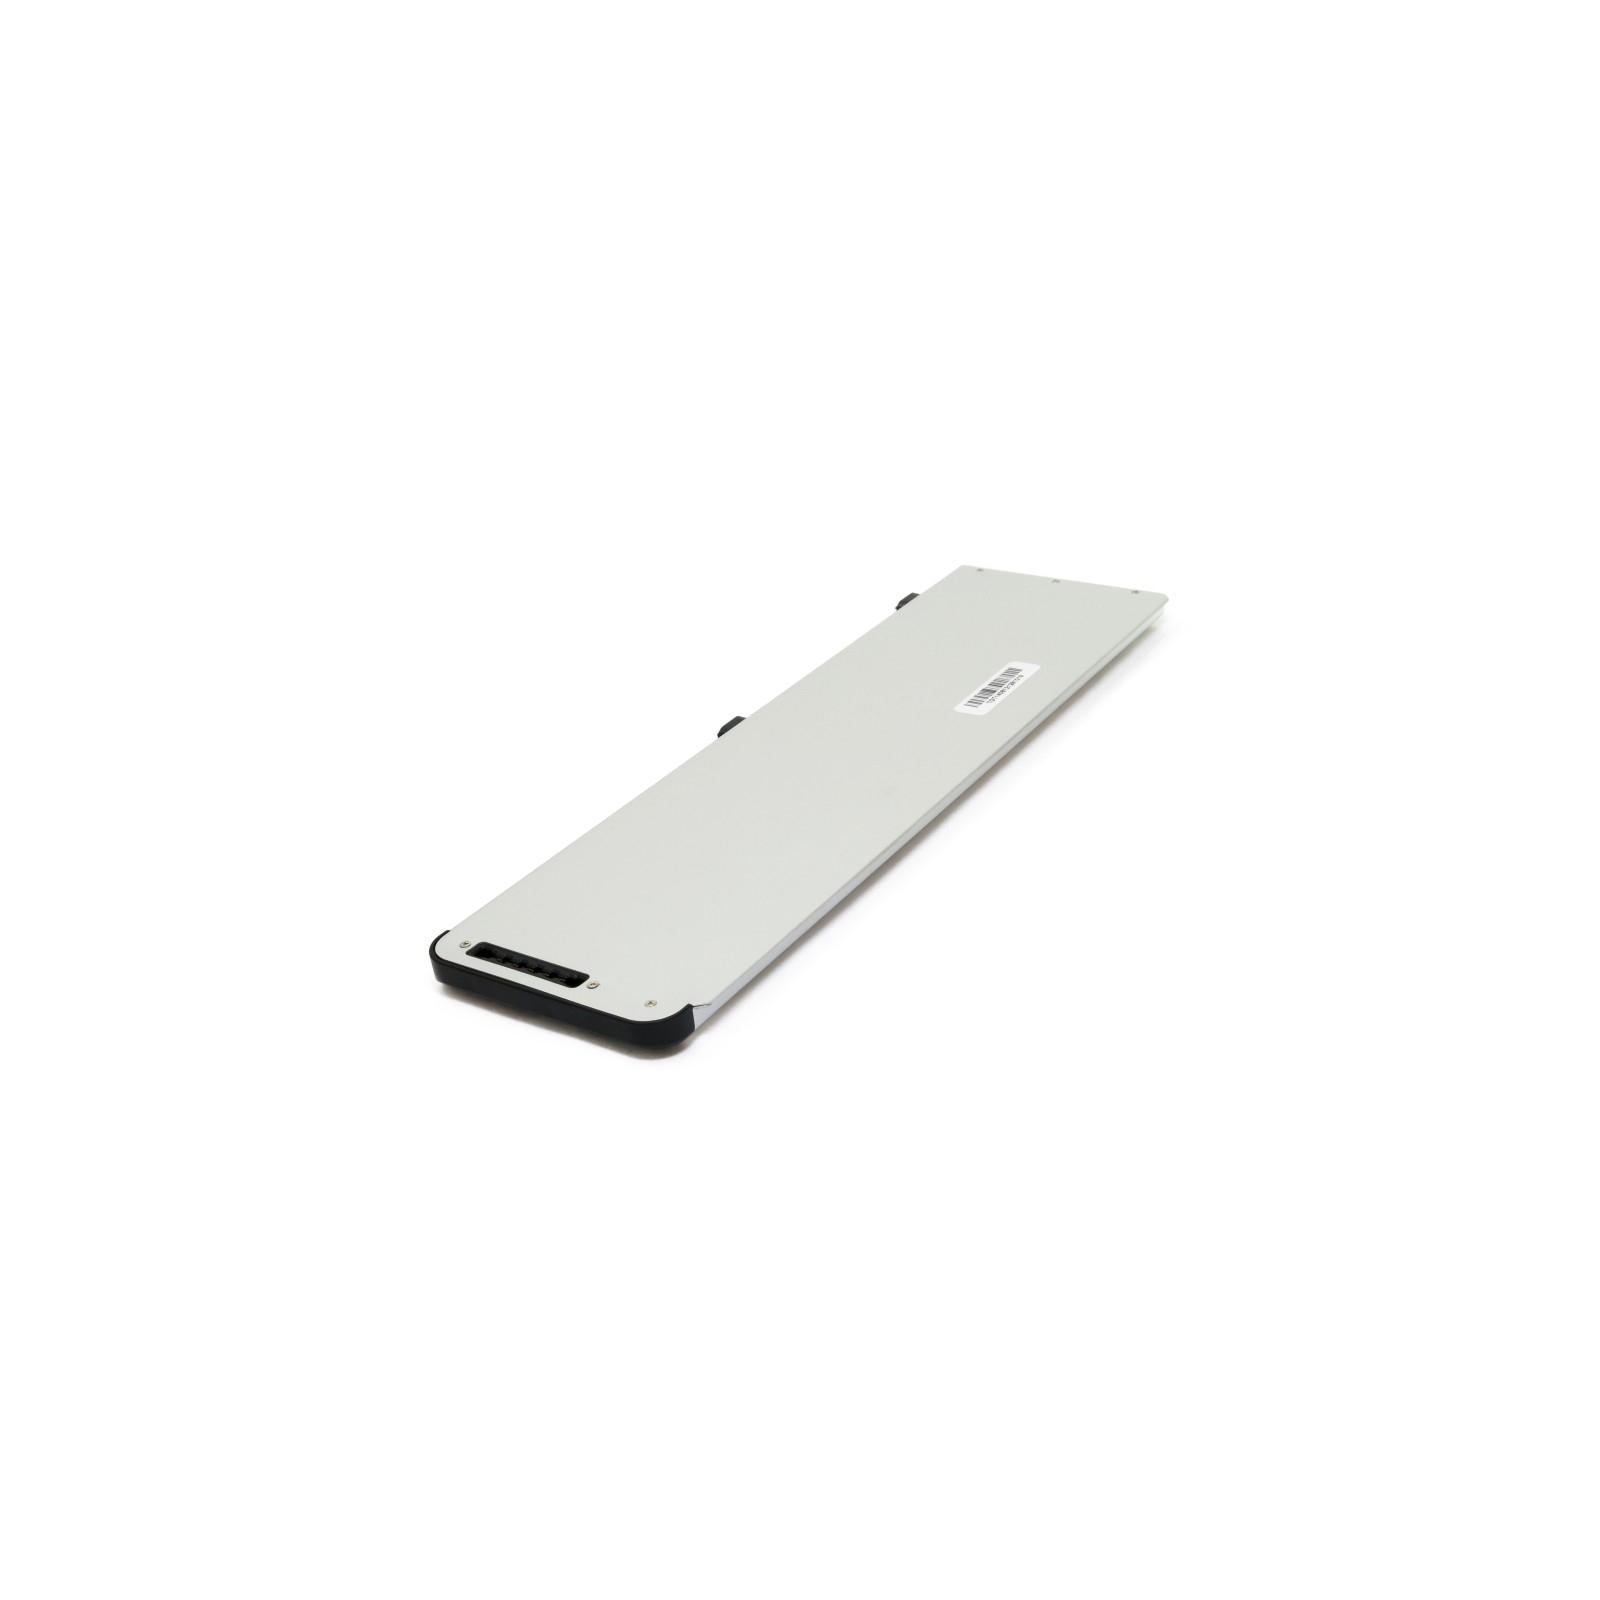 Аккумулятор для ноутбука APPLE A1281 (5400 mAh) EXTRADIGITAL (BNA3903) изображение 4